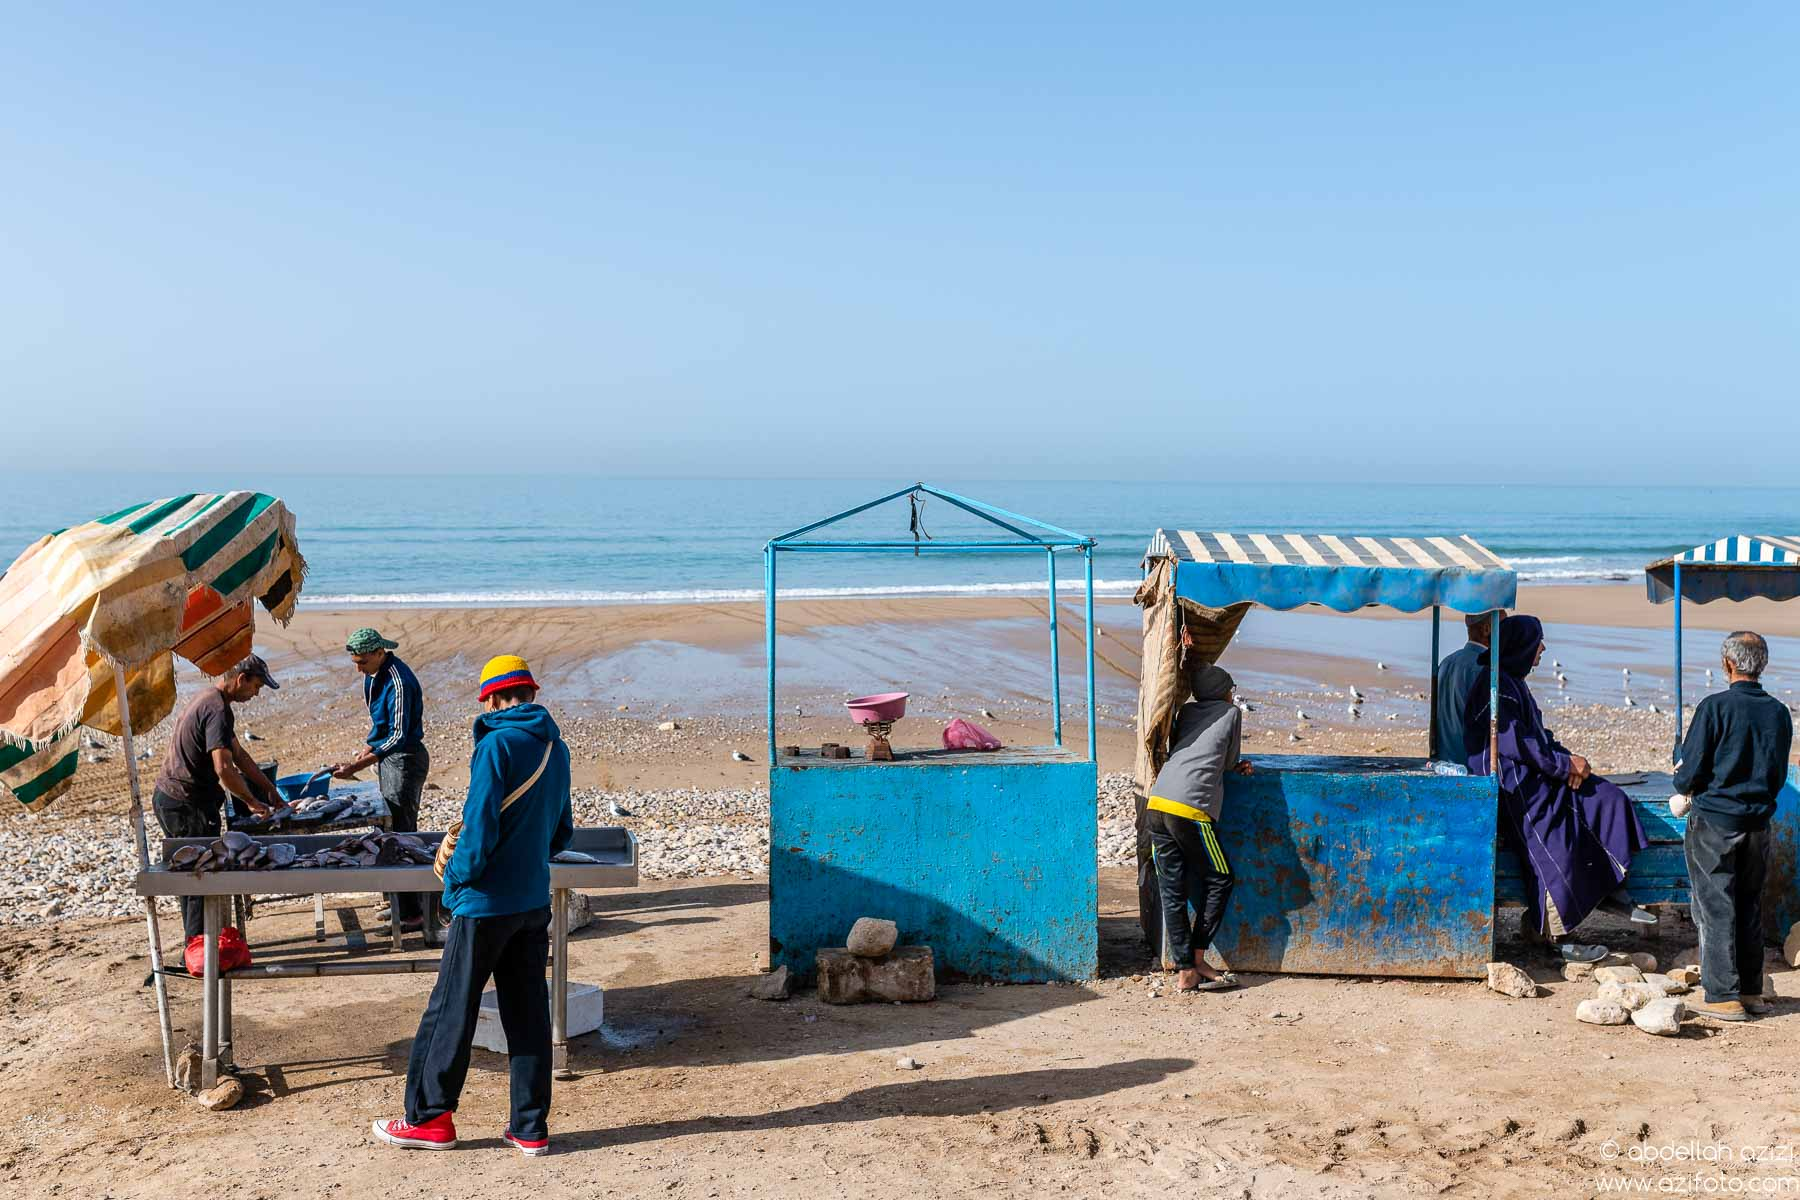 Fishermem, Taghazout village, Morocco